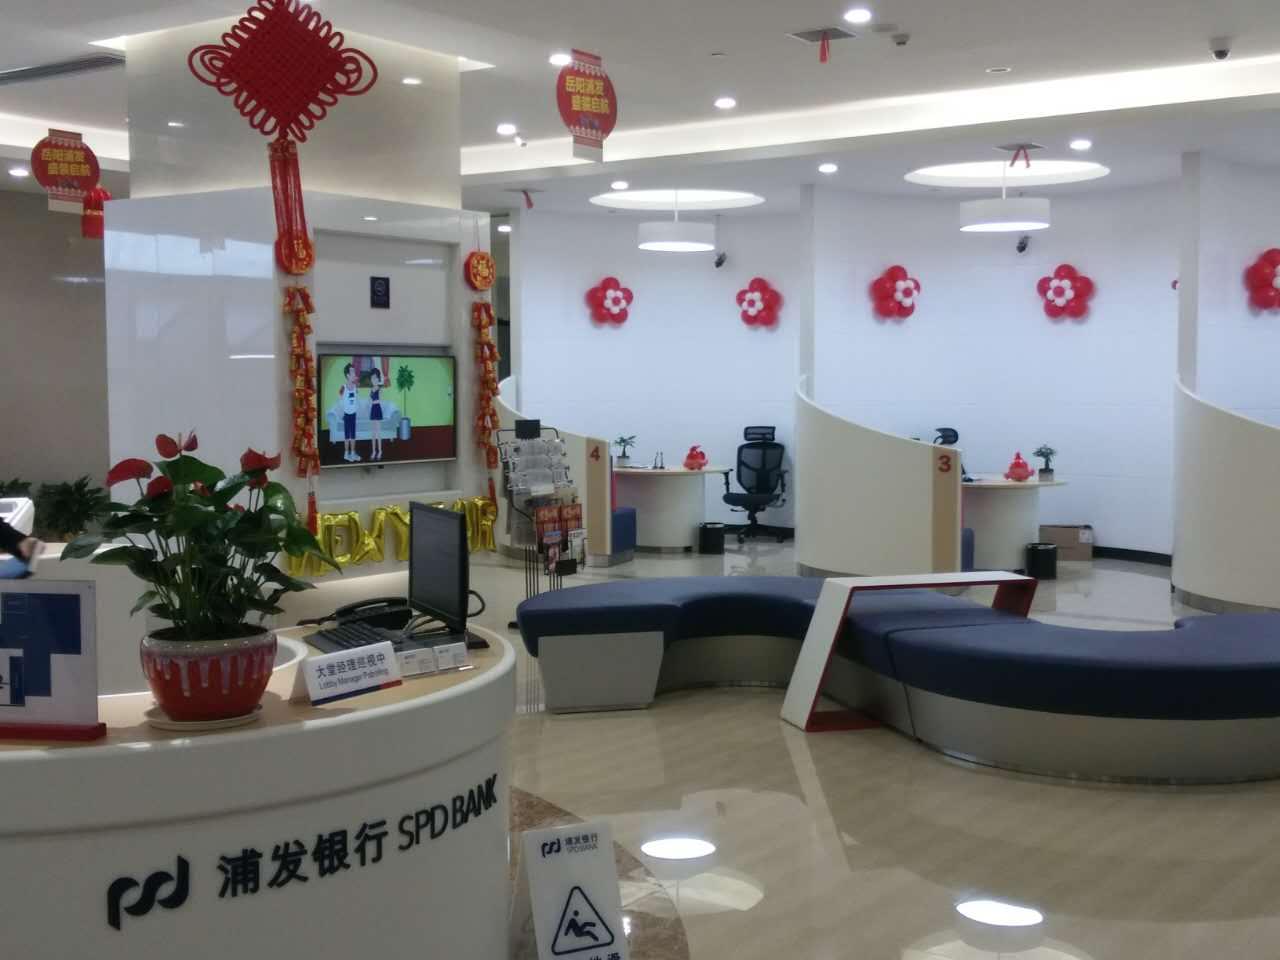 岳陽浦發銀行裝飾裝修項目